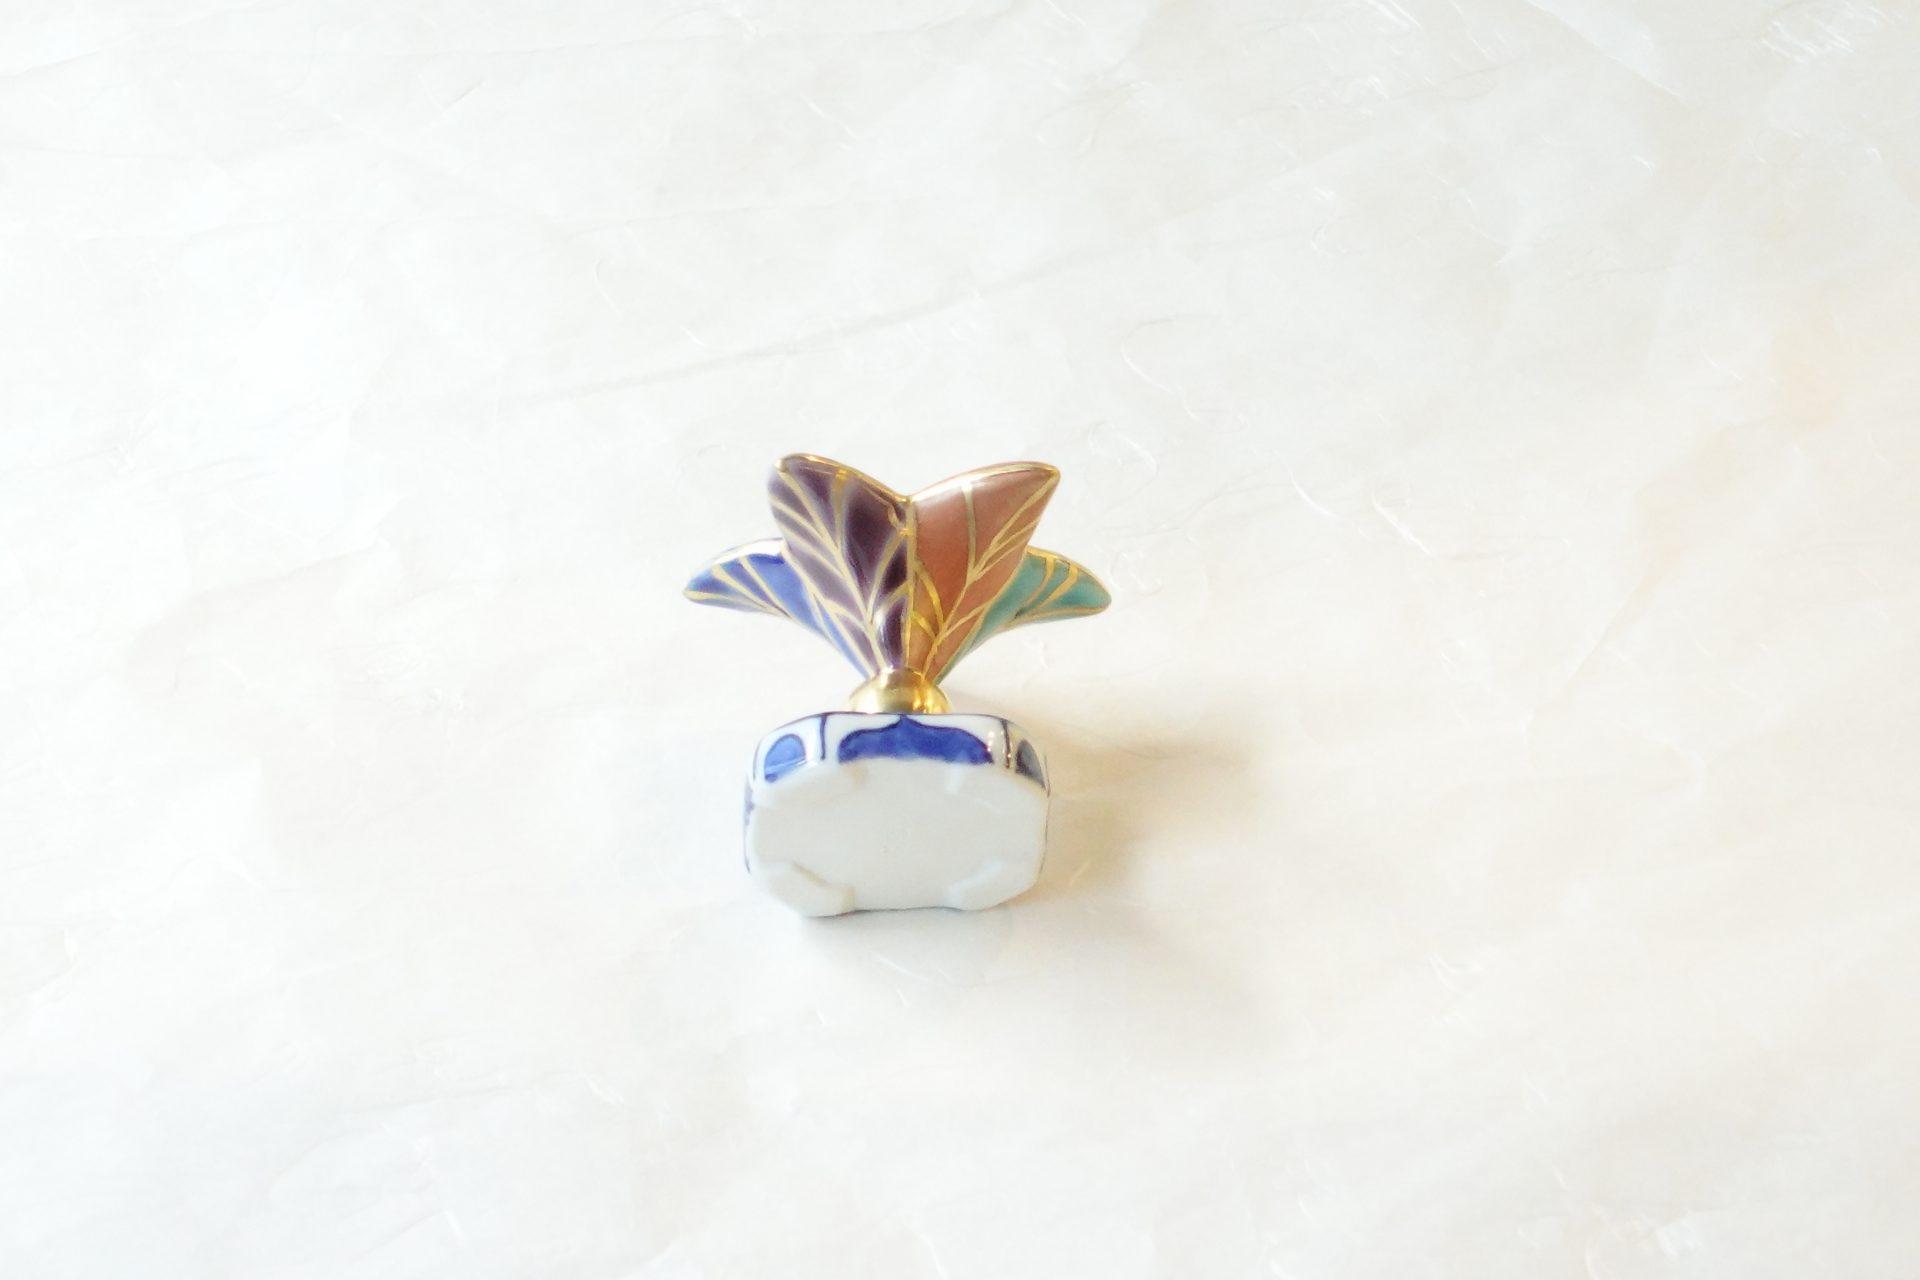 茶道具 茶の湯 茶道 昭阿弥 蓋置 つくばね 色絵 釜の蓋を置く 柄杓を置く 正月 羽子板で打つ 新春らしい カラフル きれいな色 金色 豪華 台座 染付 対照的 引き立て合う